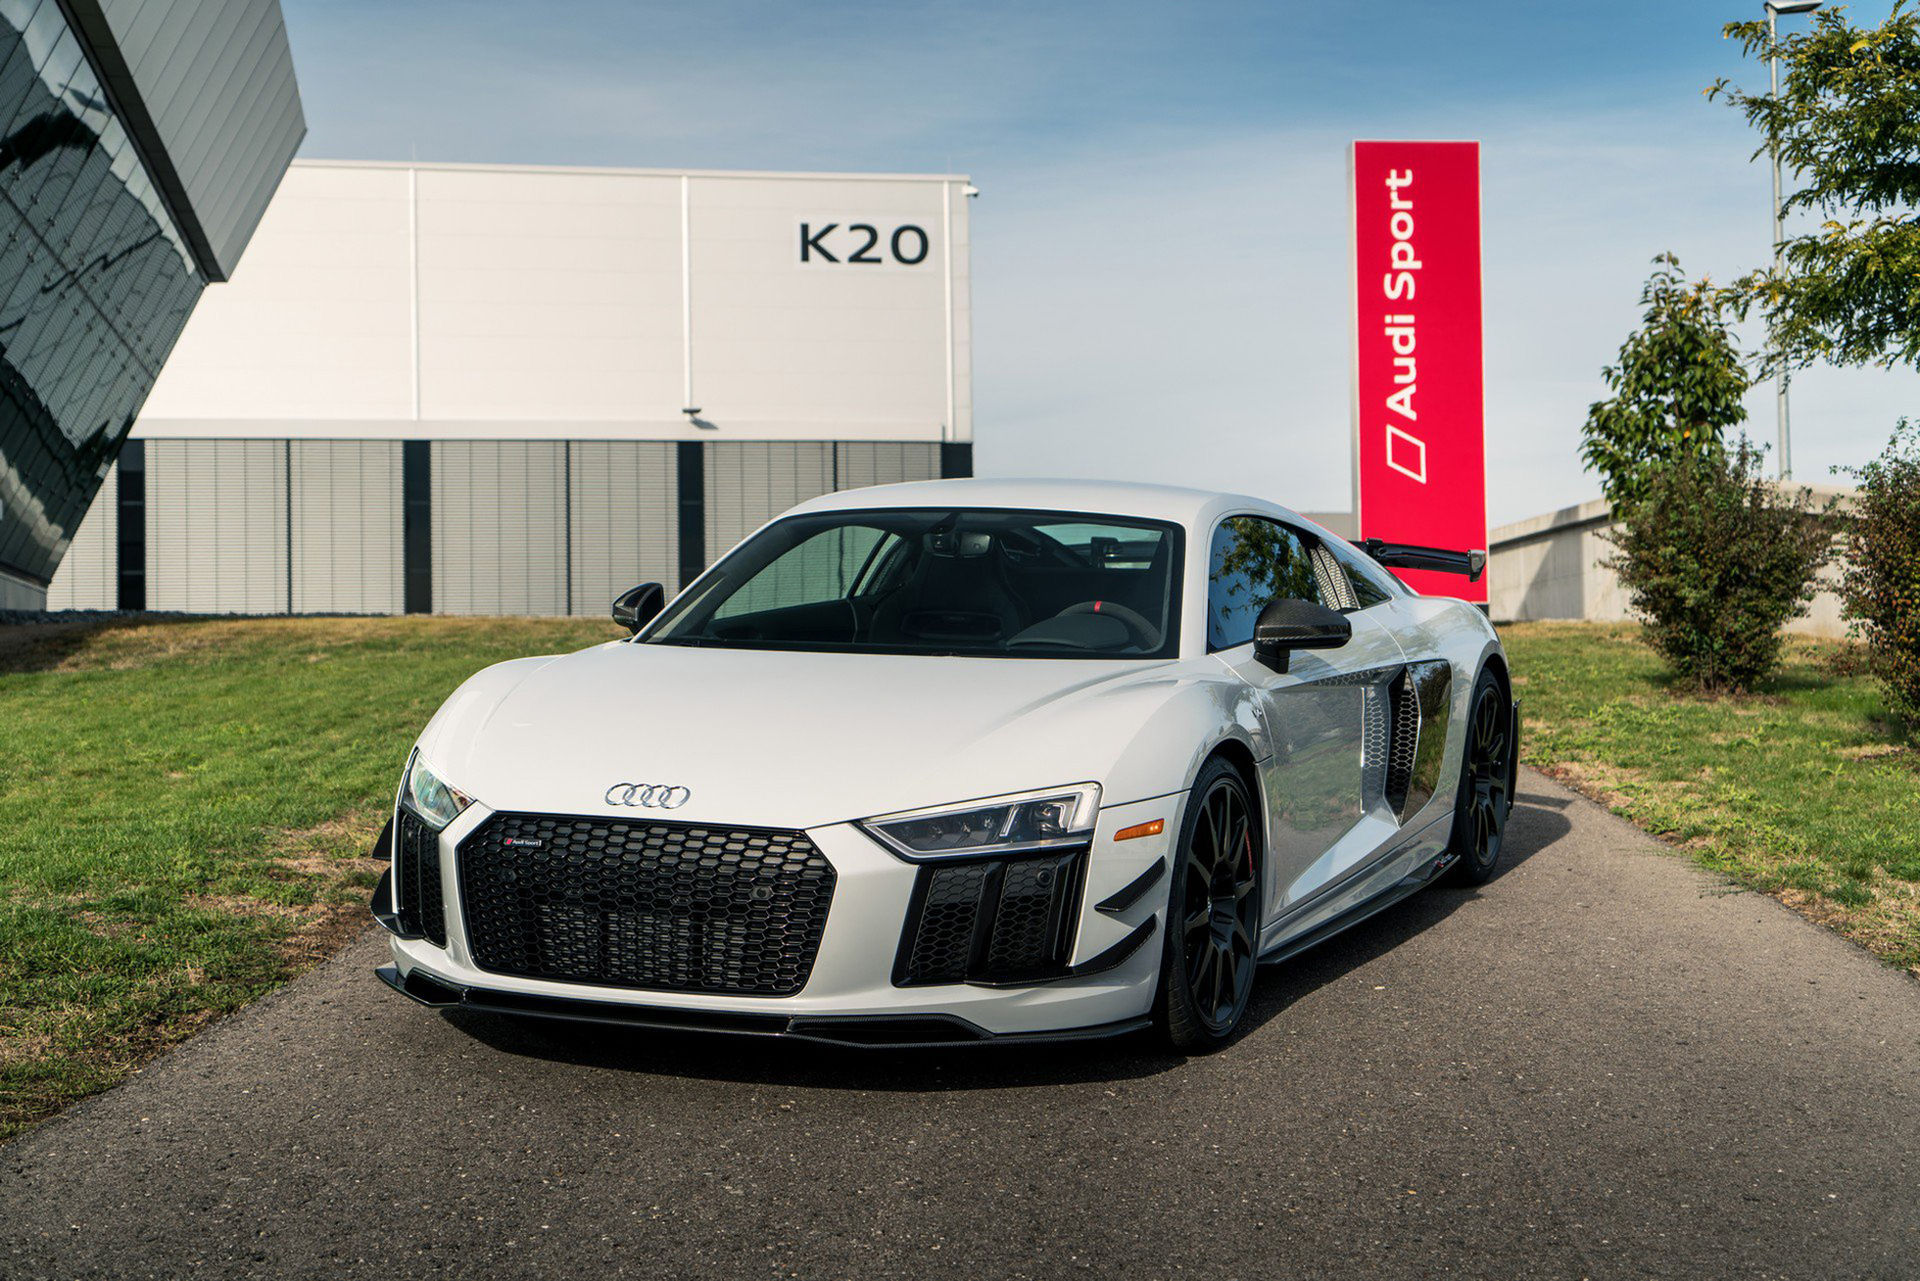 Ytterligare en specialversion av Audi R8